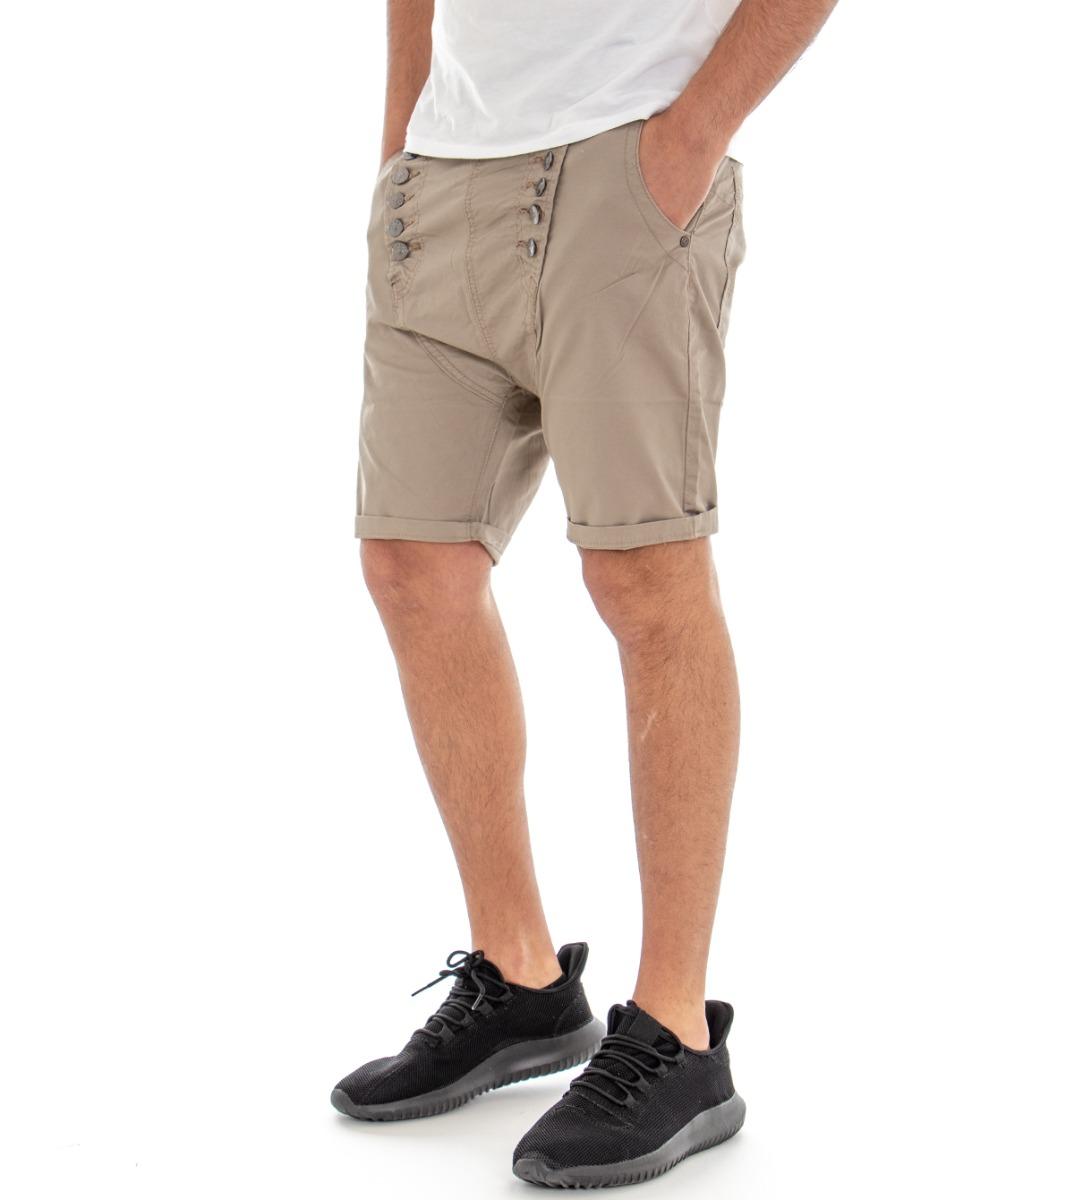 Dettagli su Pantalone Corto Uomo Pantaloncini Bermuda Beige Tasca America Cavallo Basso G